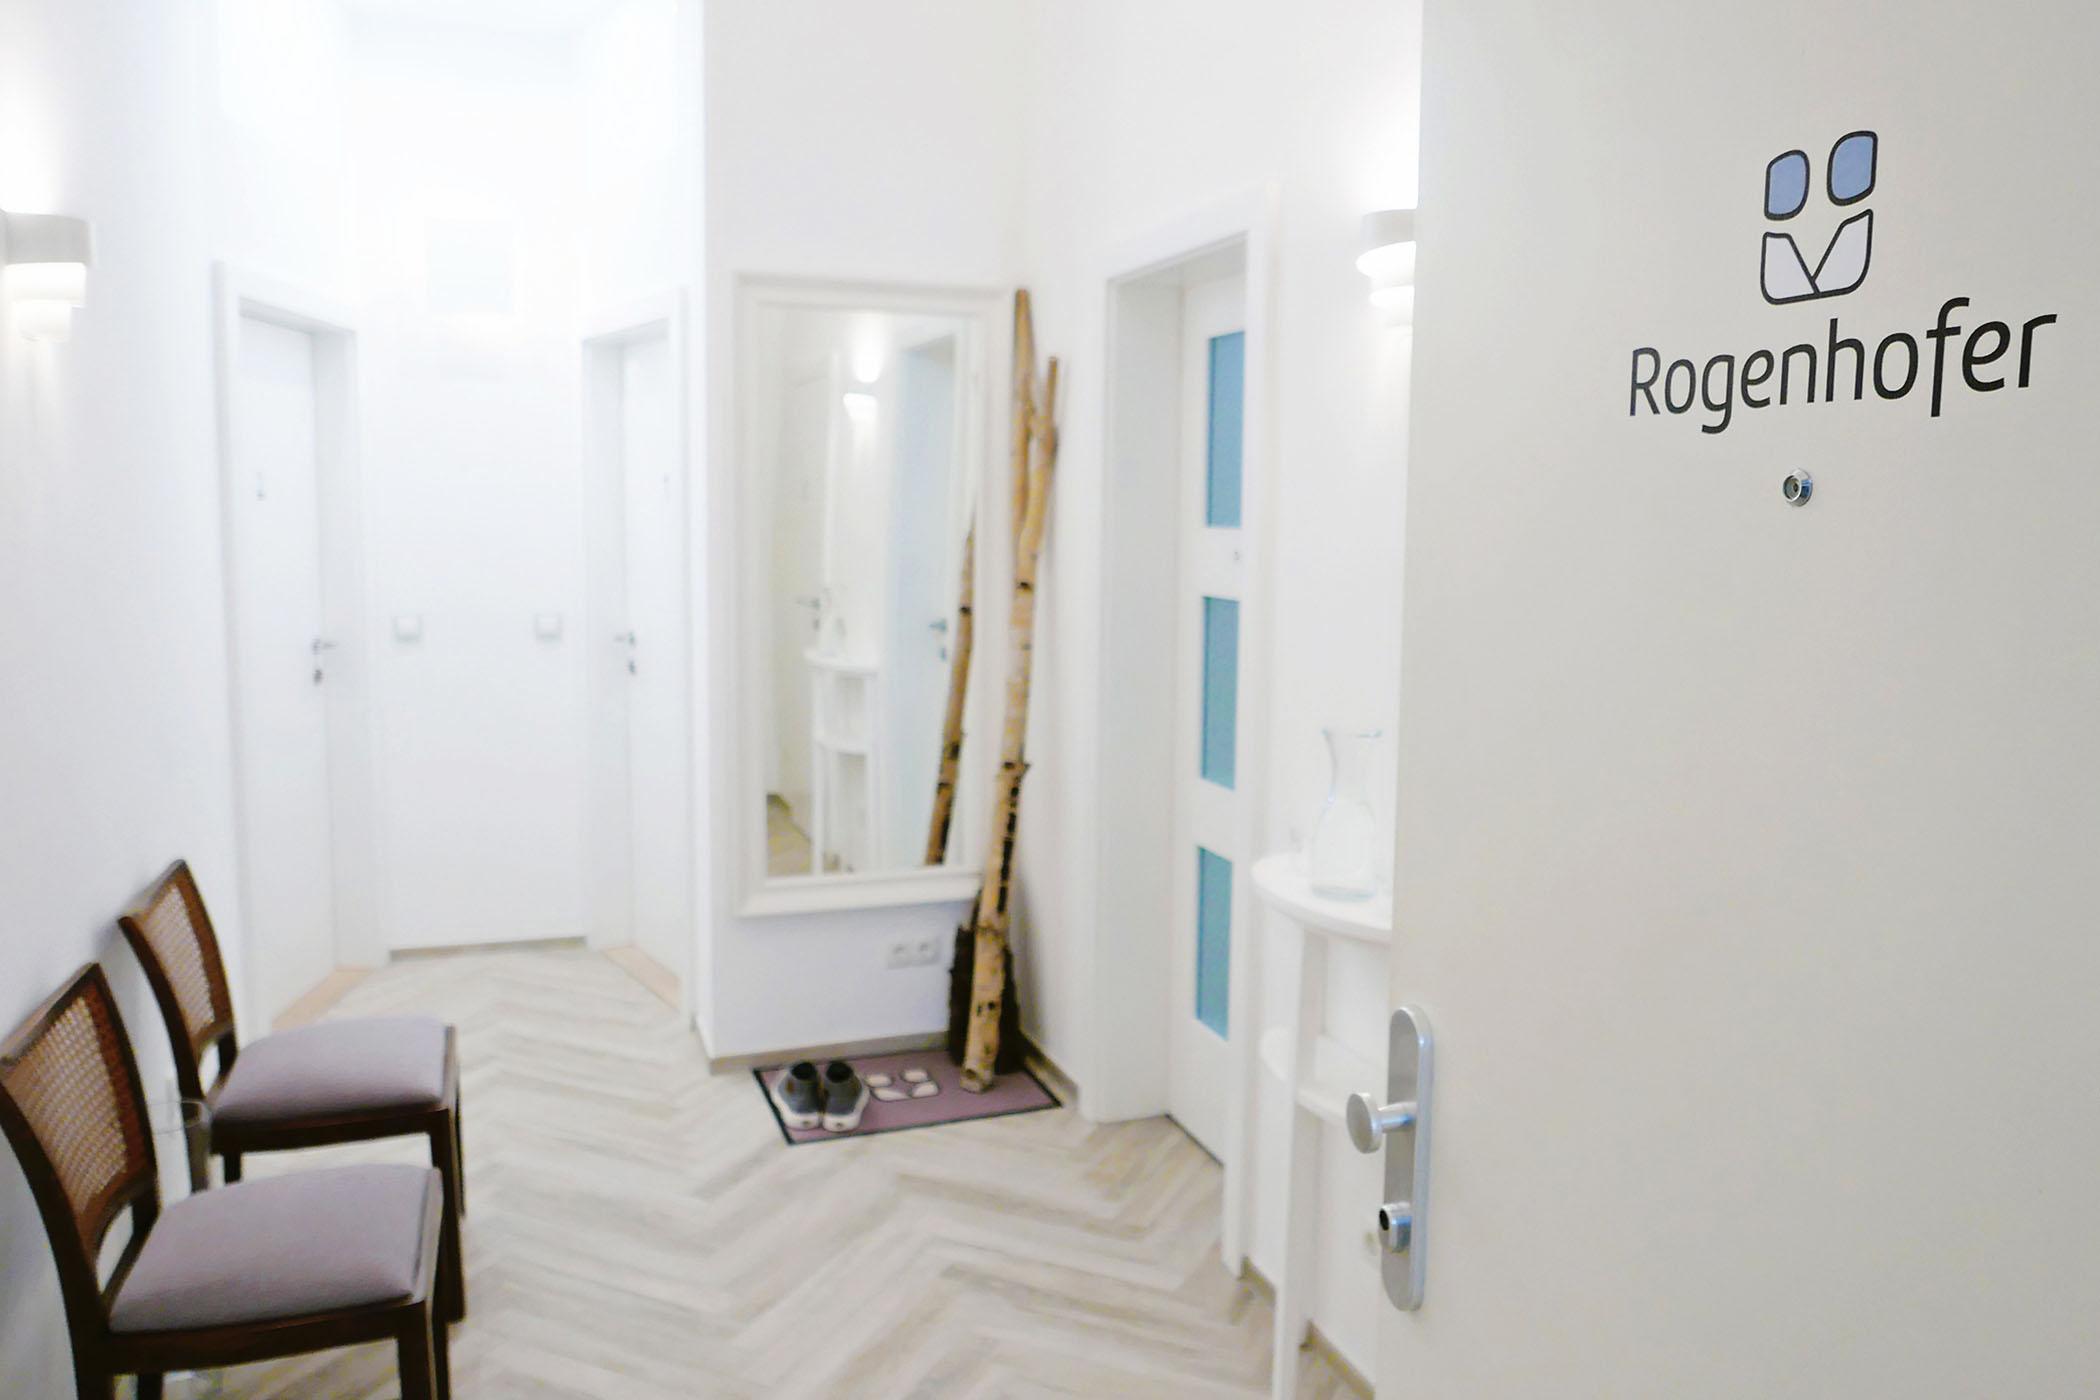 Rogenhofer-Psychotherapie, Wartebereich